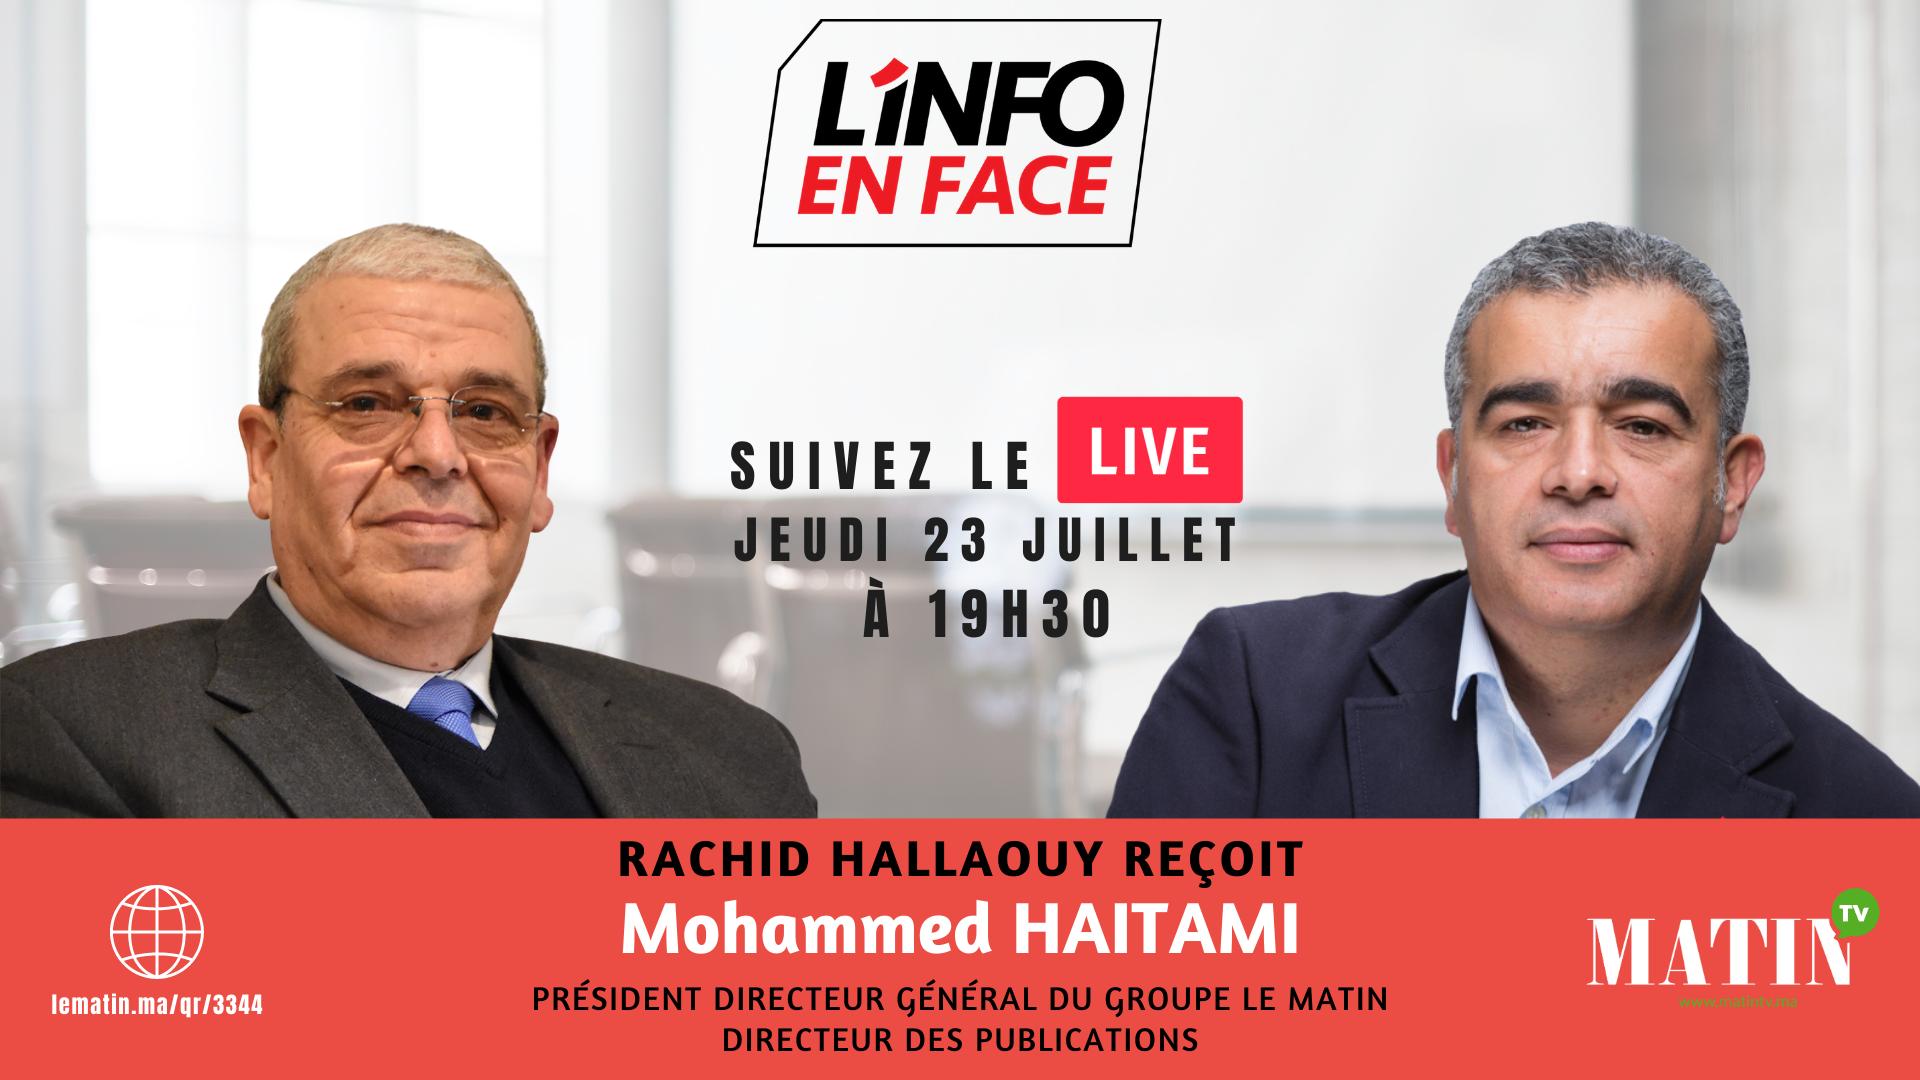 Live : L'Info en Face avec Mohammed Haitami